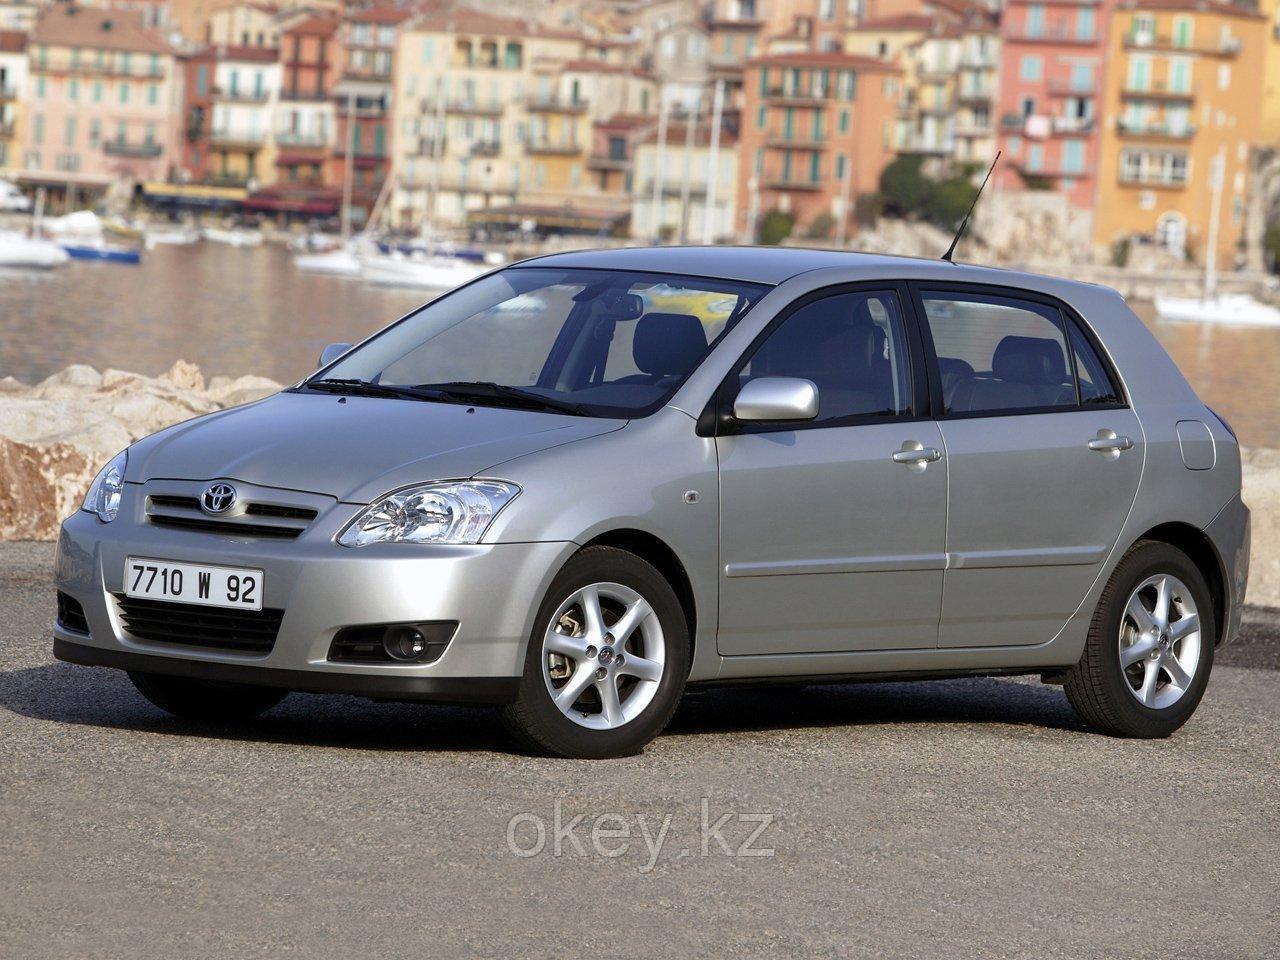 Тормозные колодки Kötl 3289KT для Toyota Corolla IX хэтчбек (ZZE12_, NDE12_, ZDE12_)  1.4 D, 2004-2007 года выпуска.